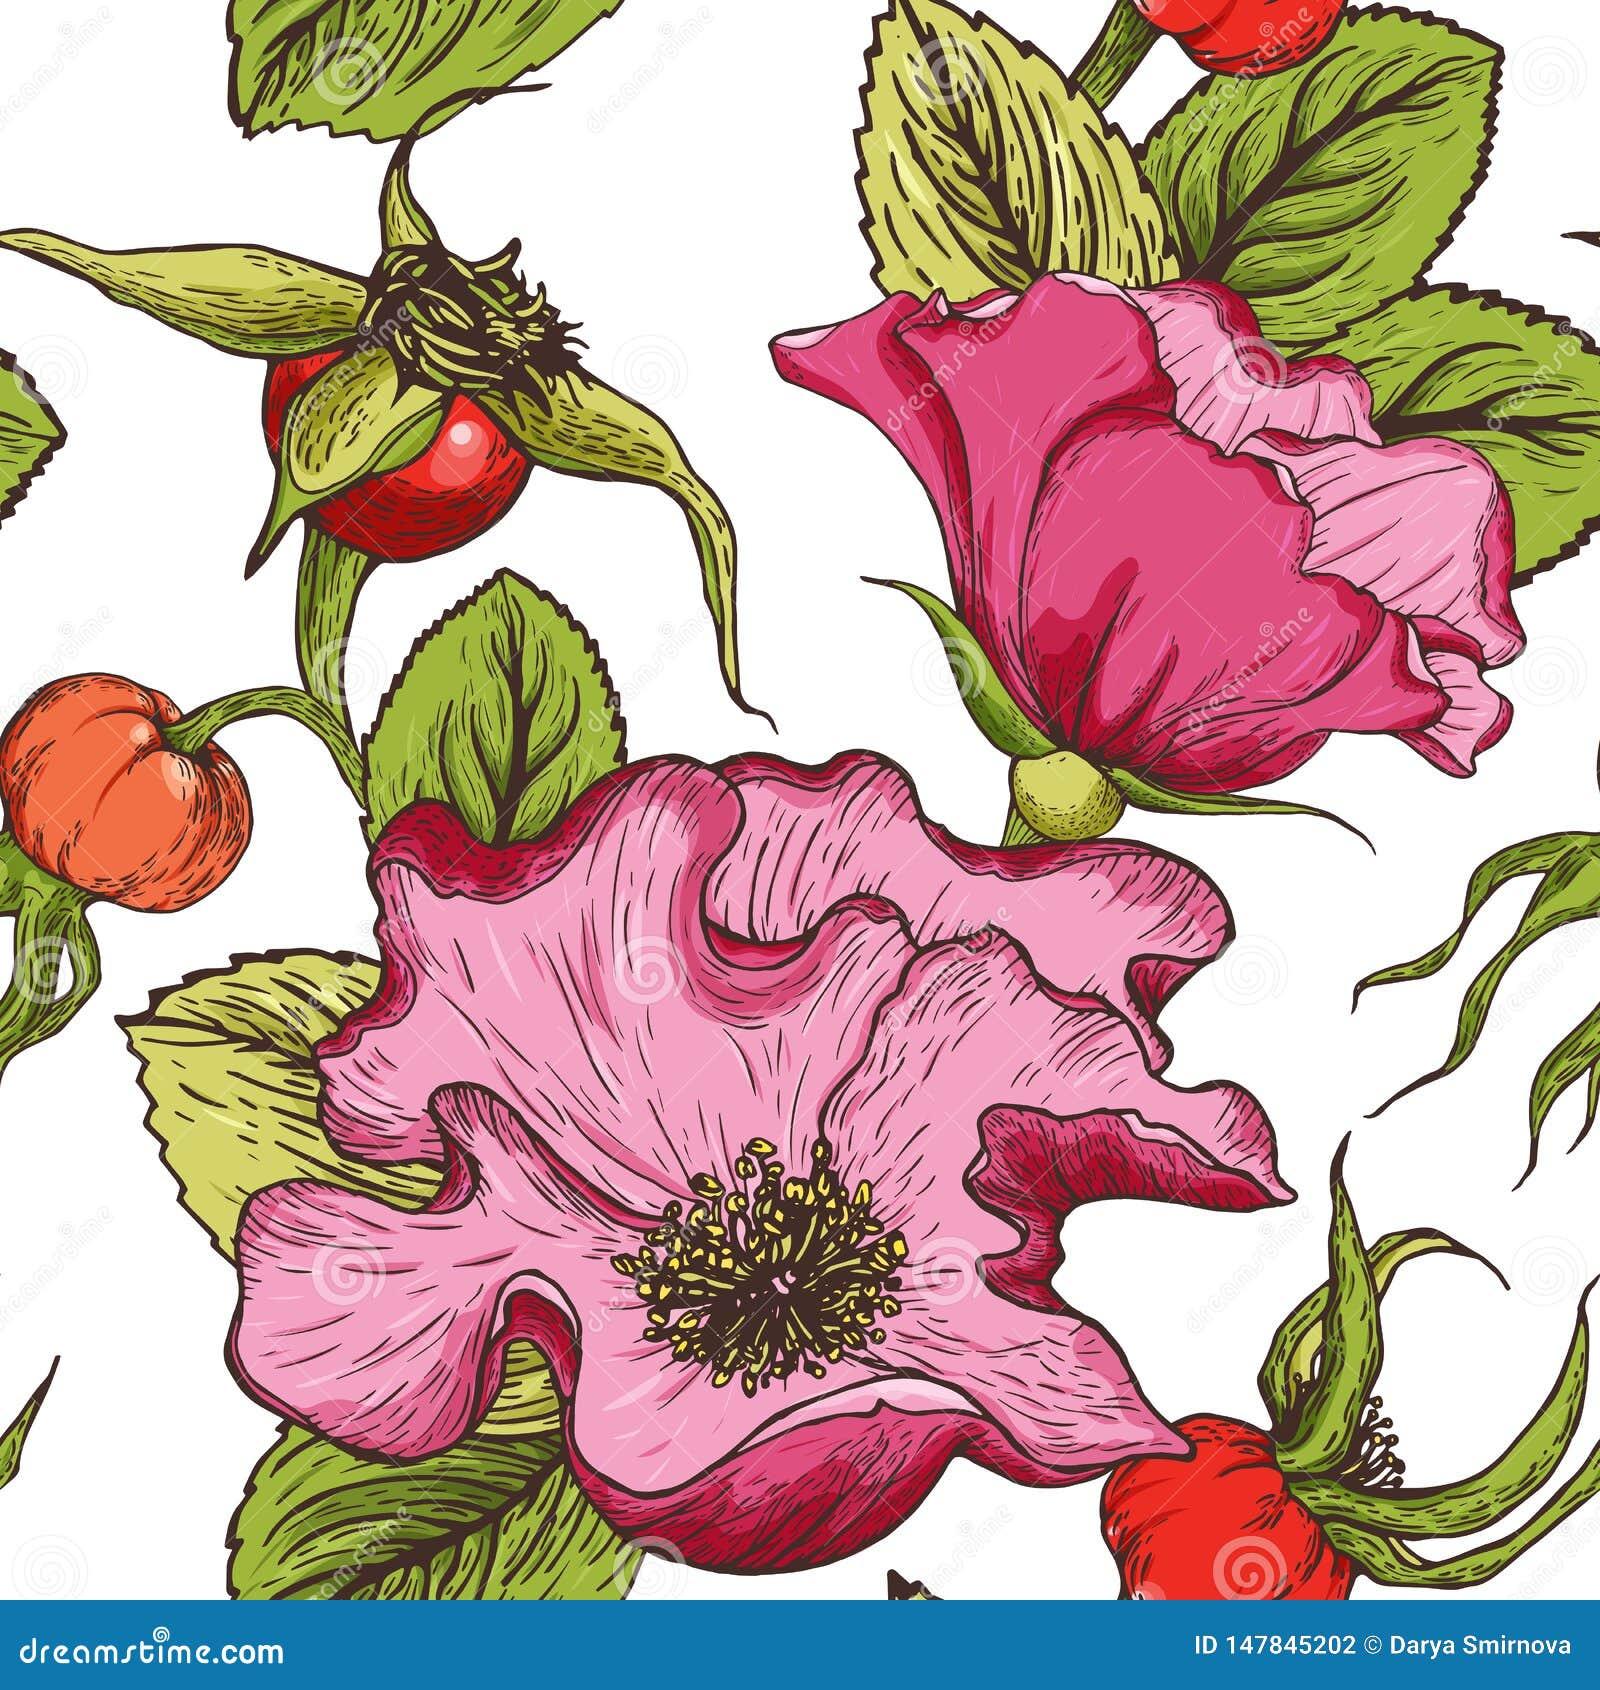 Steg den utdragna sömlösa modellen för handen av färghunden blommor, bär och lövverk som isolerades på en vit bakgrund